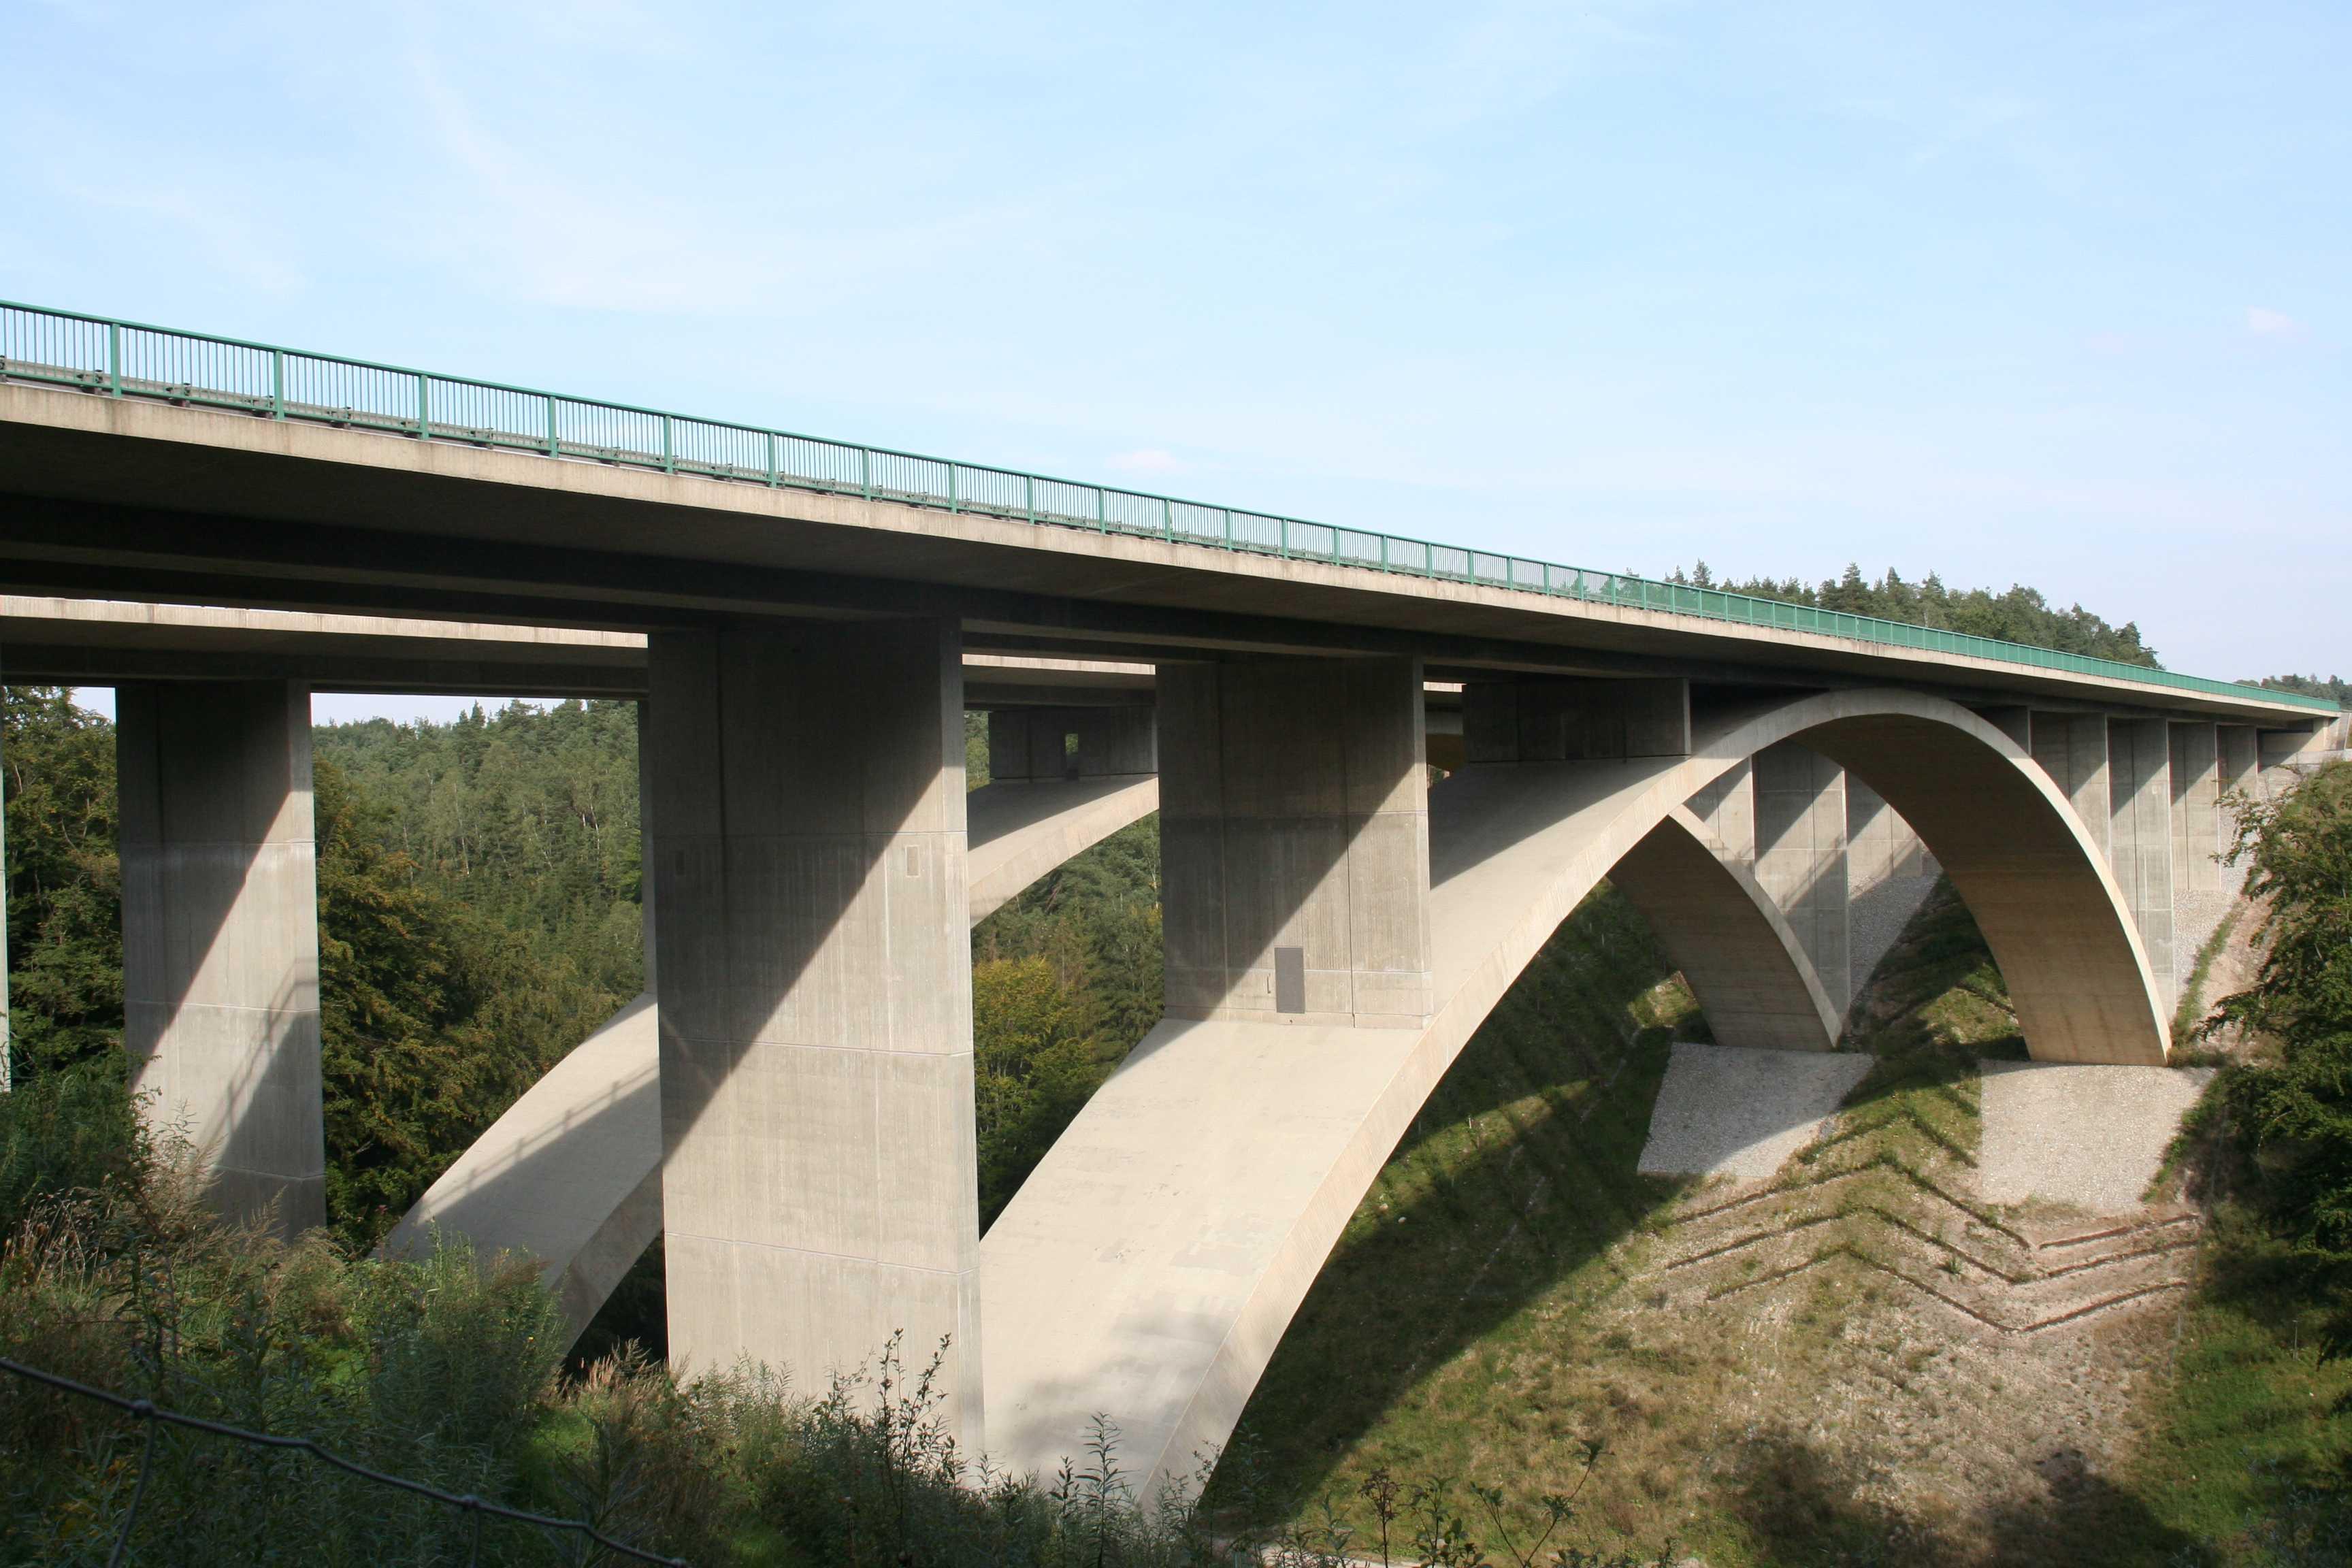 Teufelstalbrücke